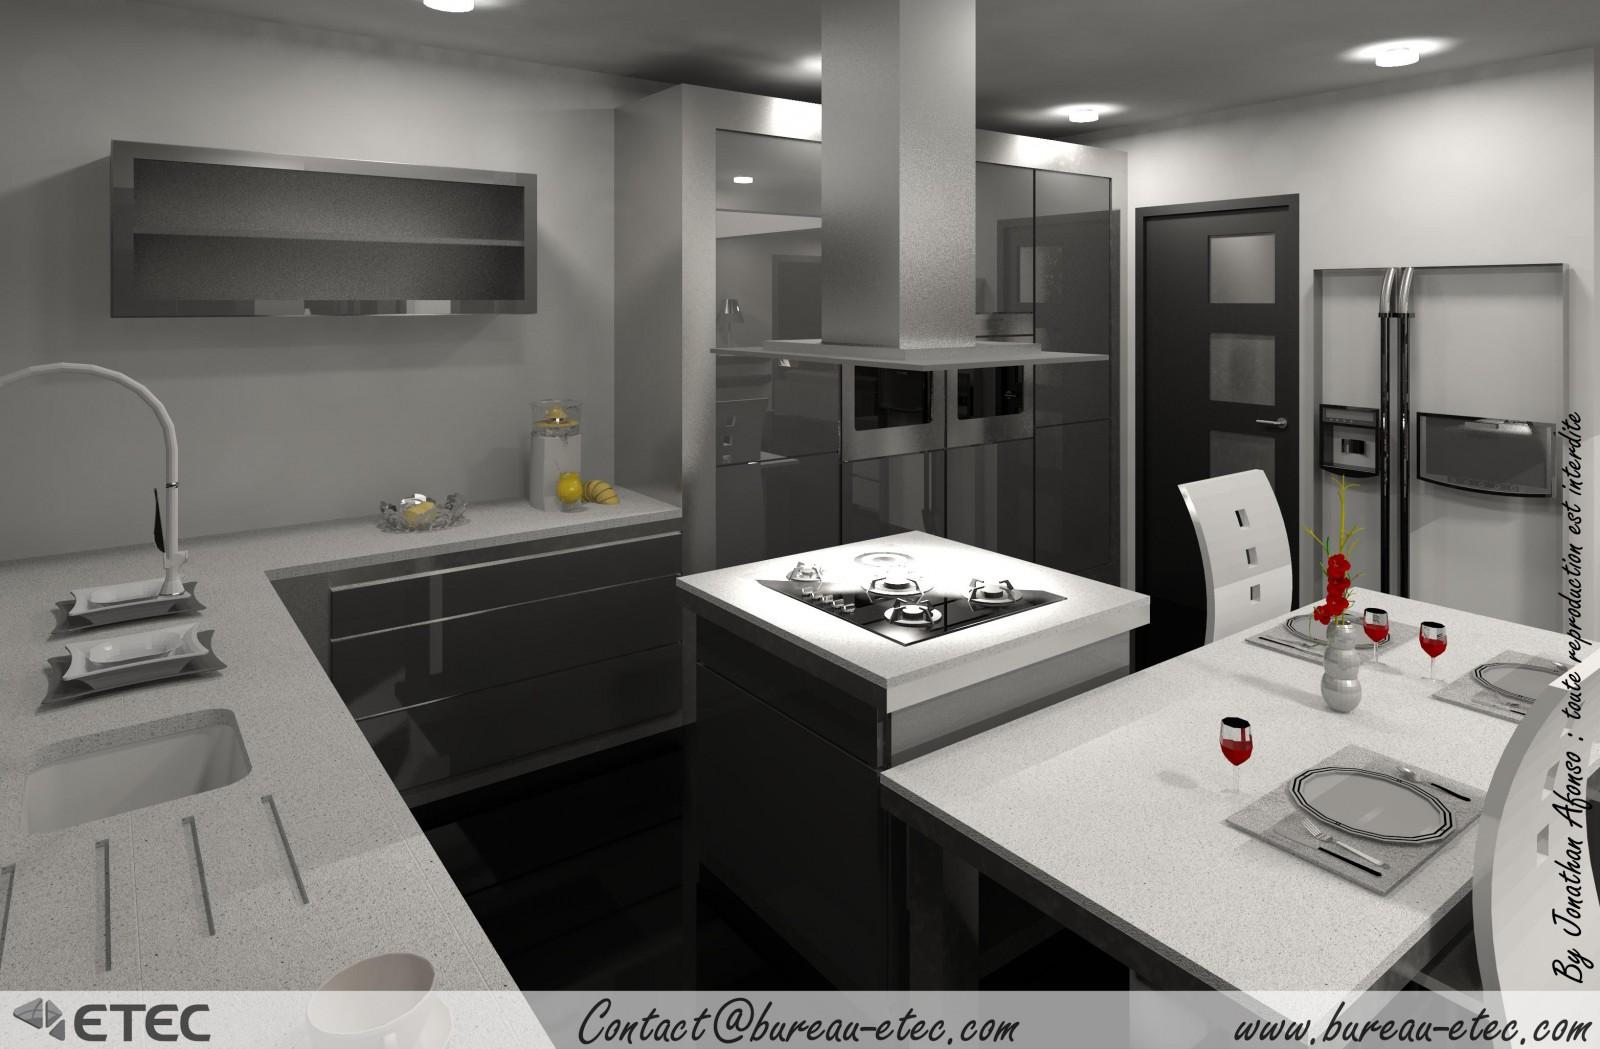 maison contemporaine saulon etec With eclairage exterieur maison contemporaine 6 maison contemporaine saulon etec